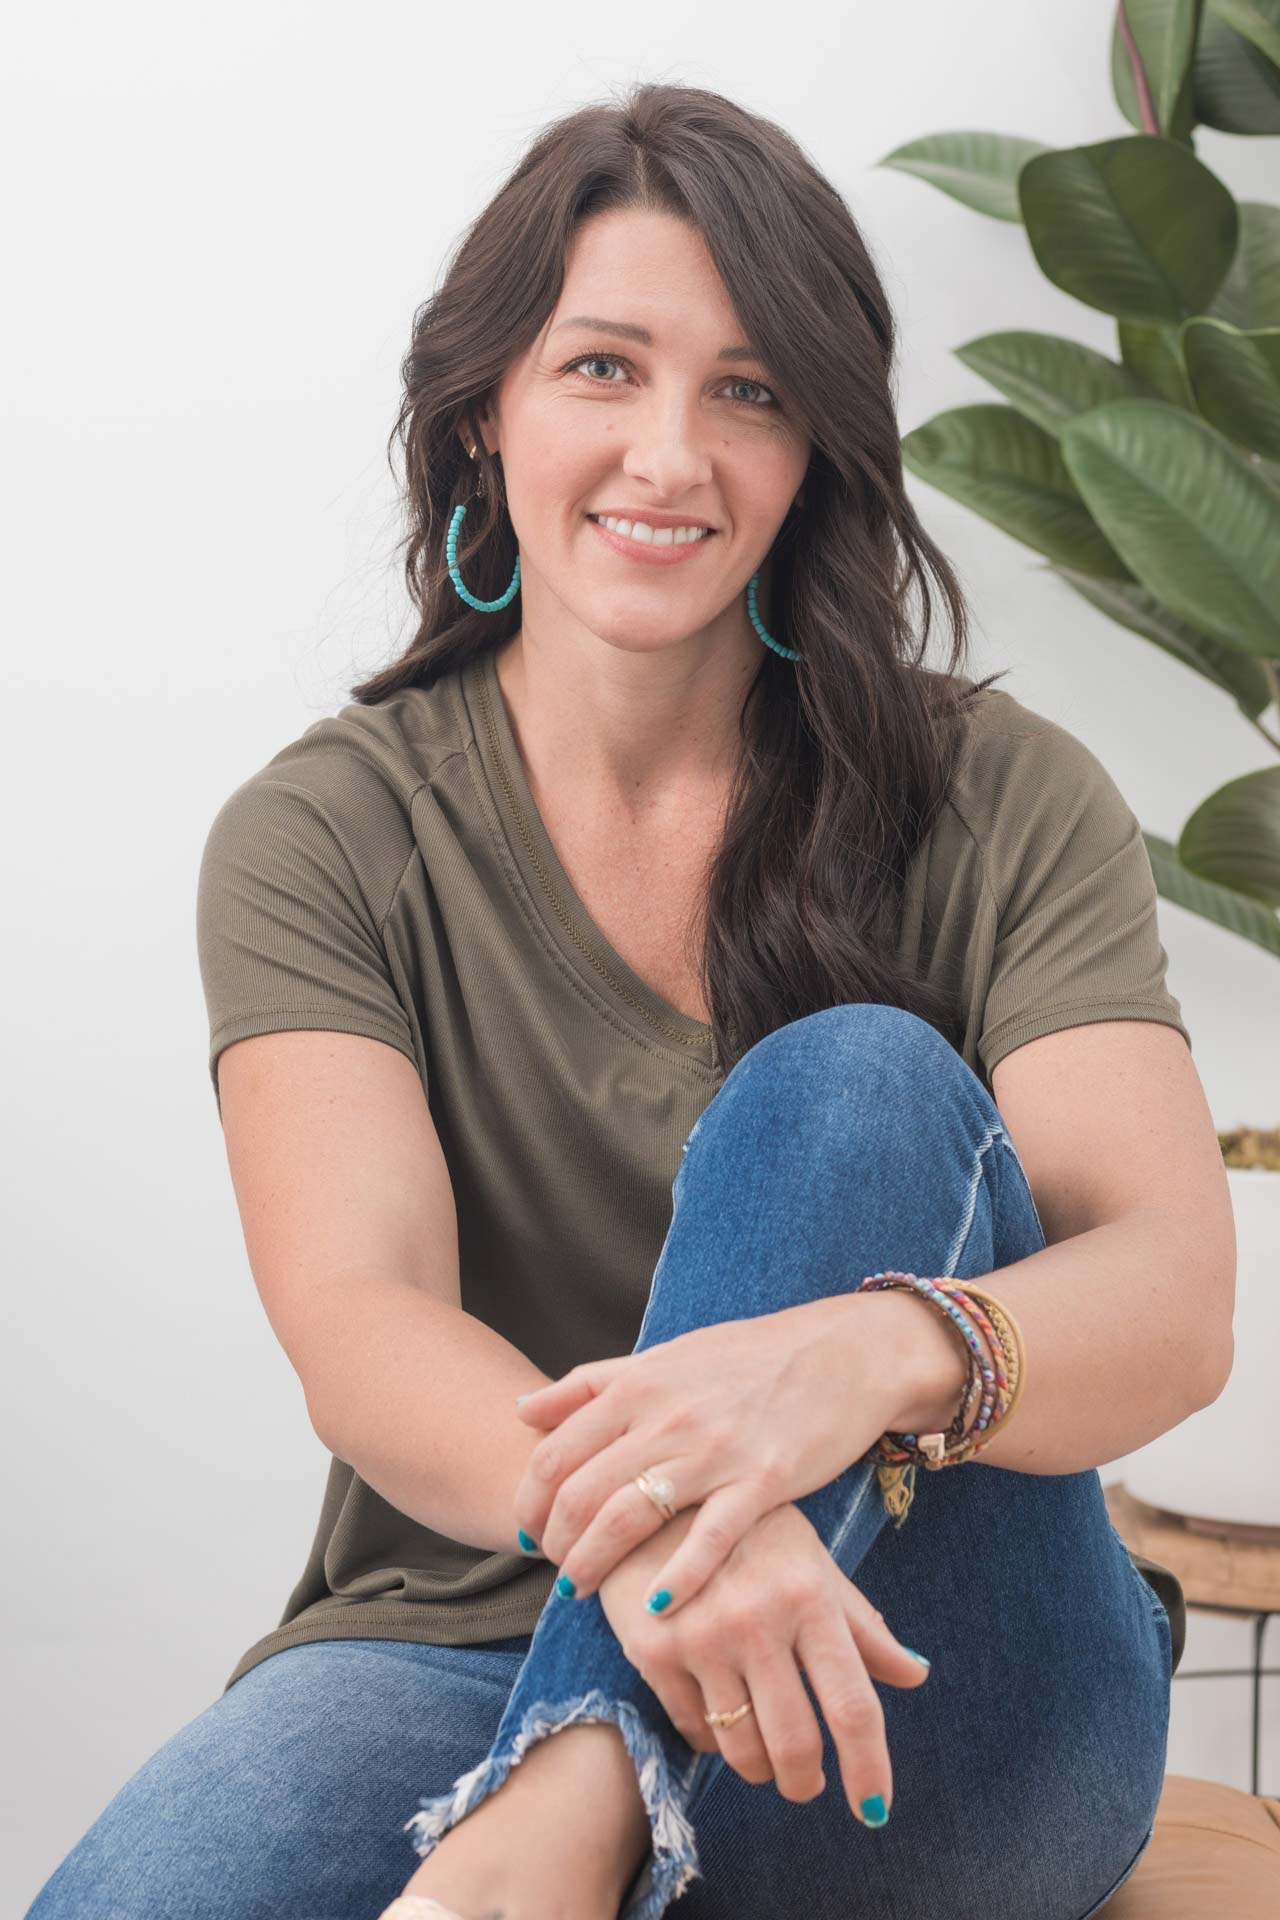 Jessi Whitehead